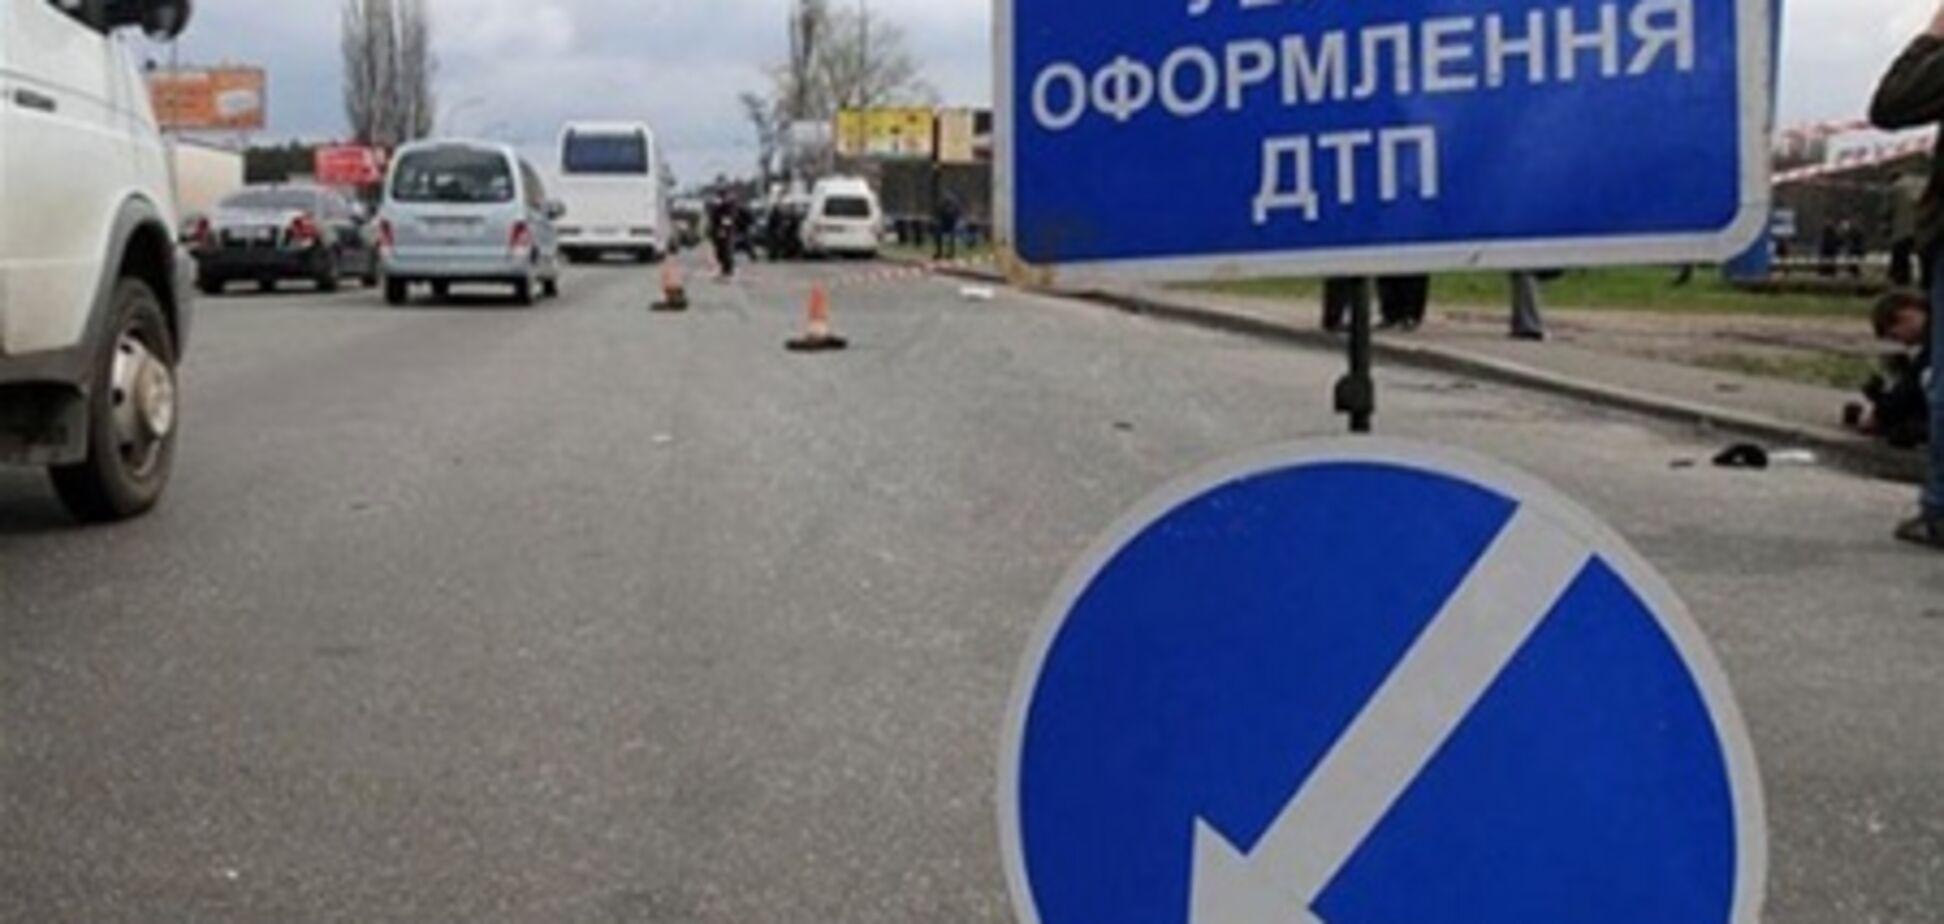 Ситуация на дорогах 21 сентября: 103 ДТП, 21 погибший